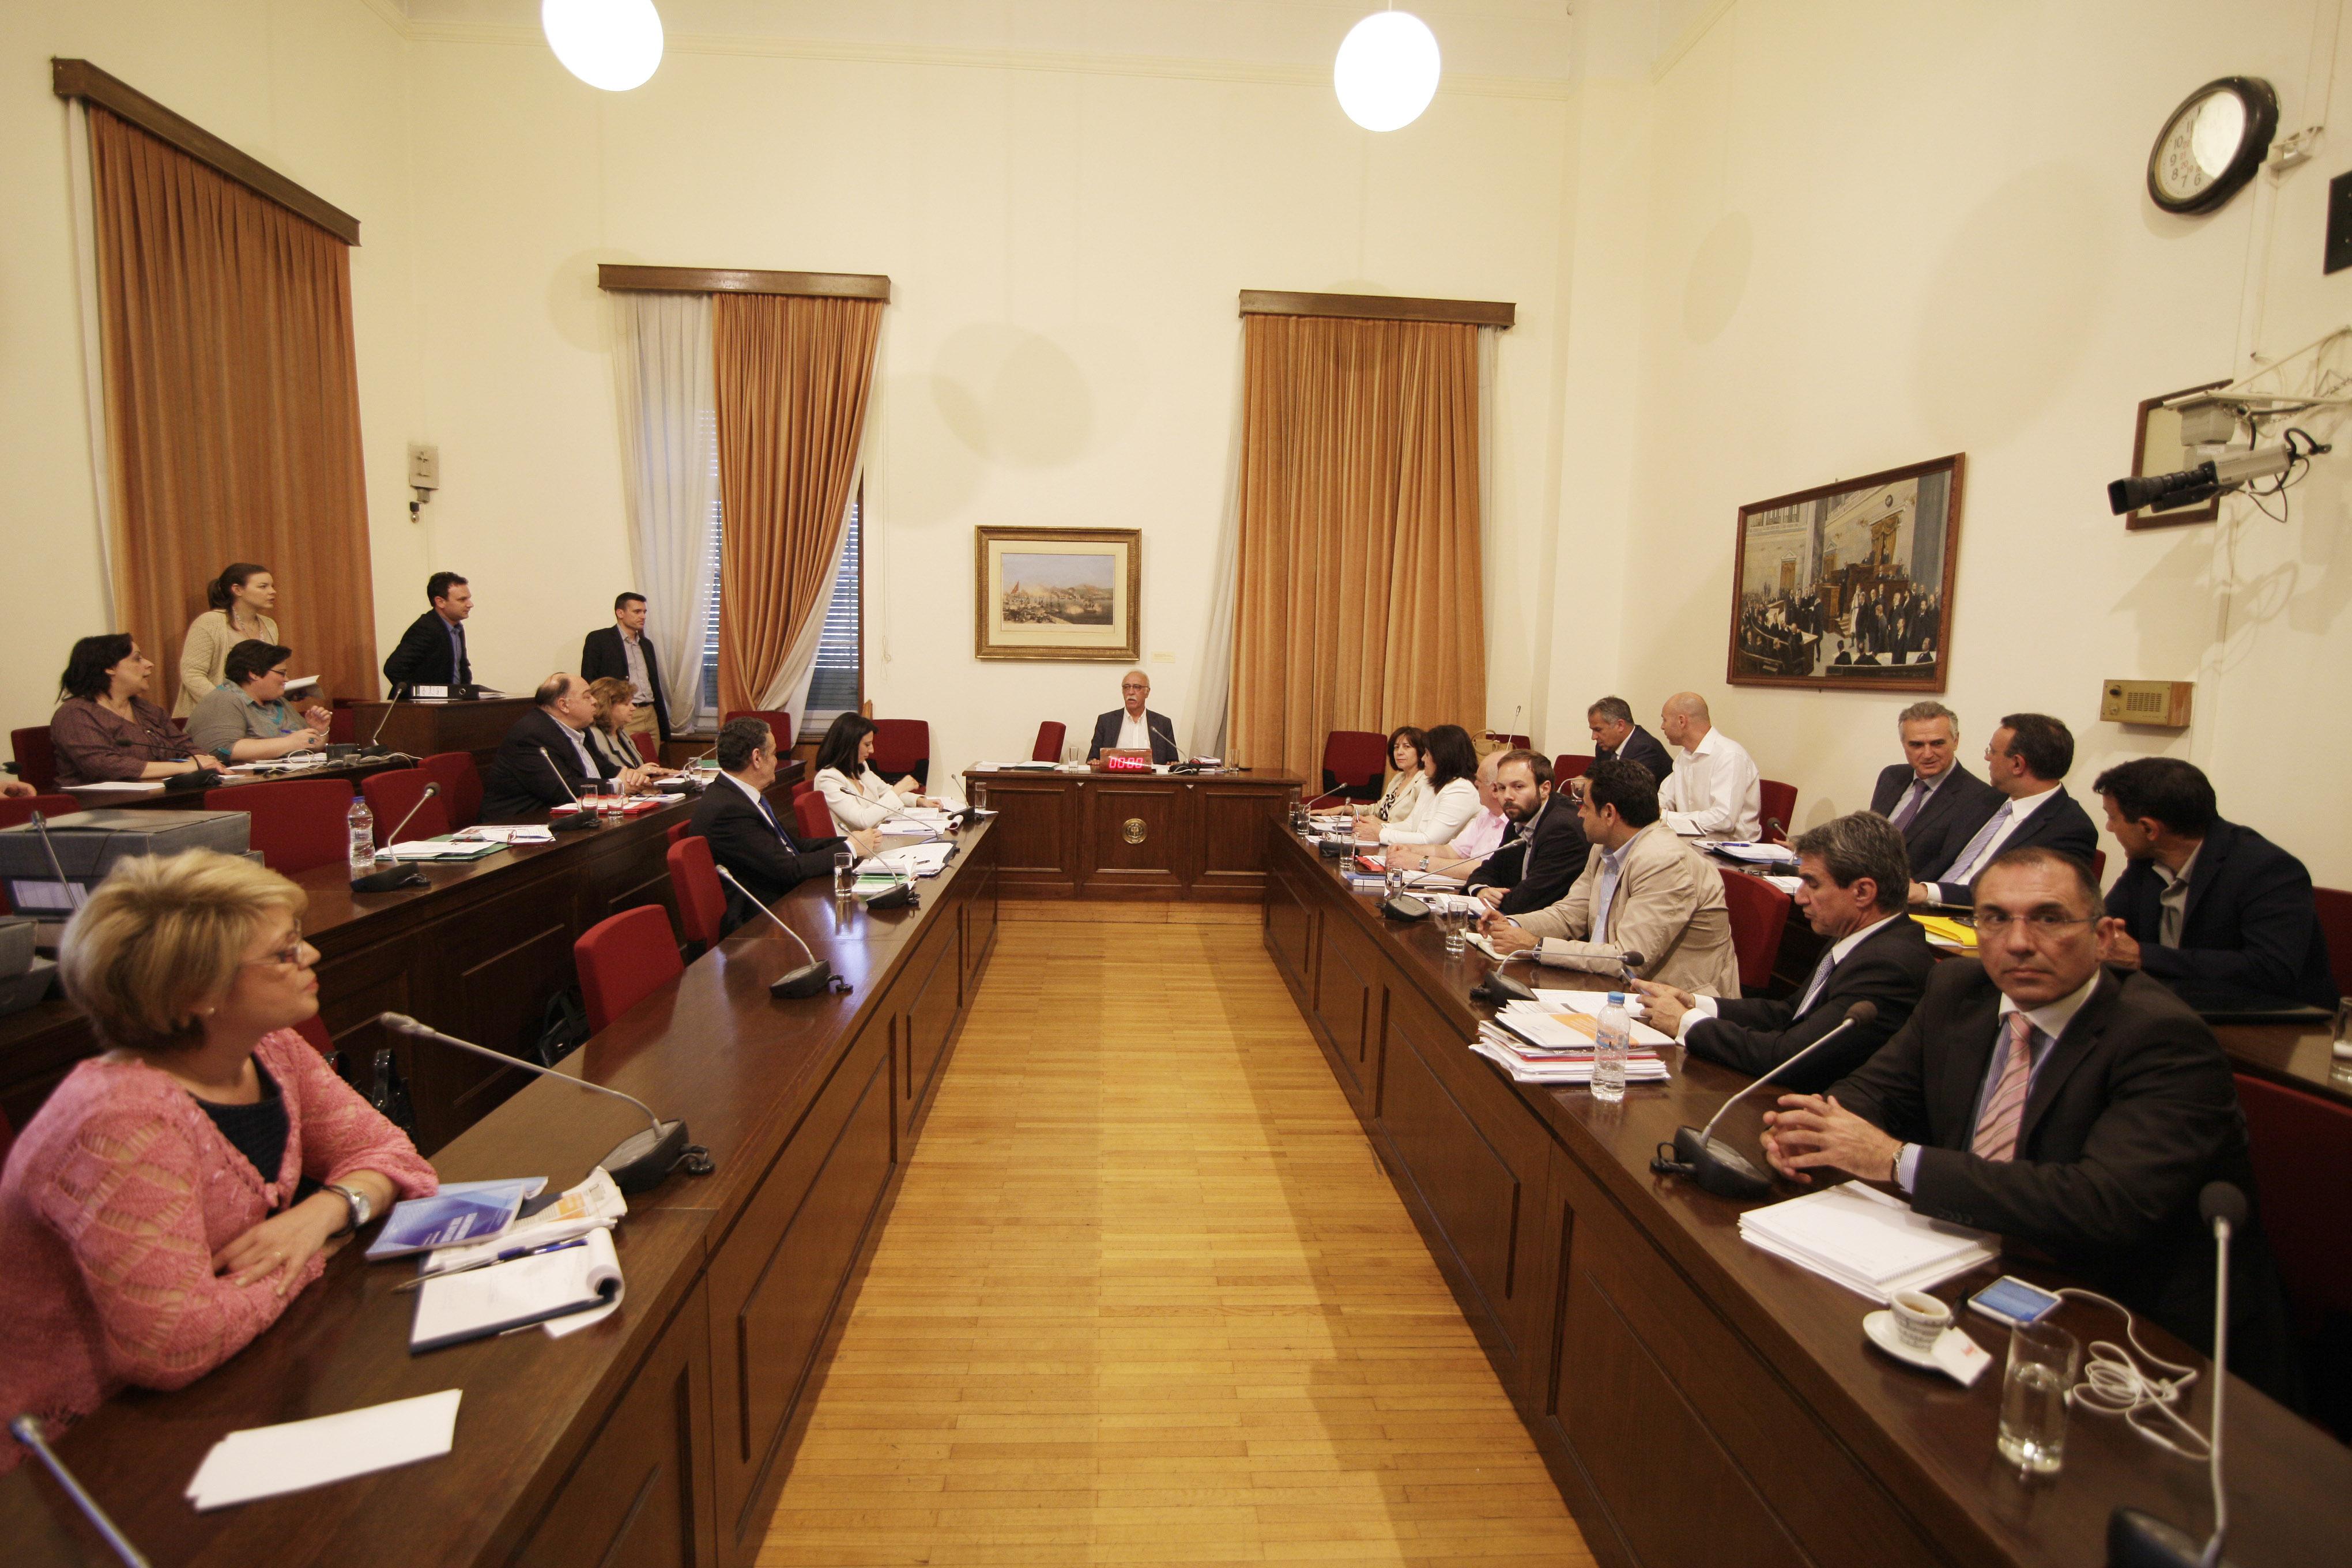 Εξεταστική: Τα μνημονιακά μέτρα επιδείνωσαν την κατάσταση | tovima.gr